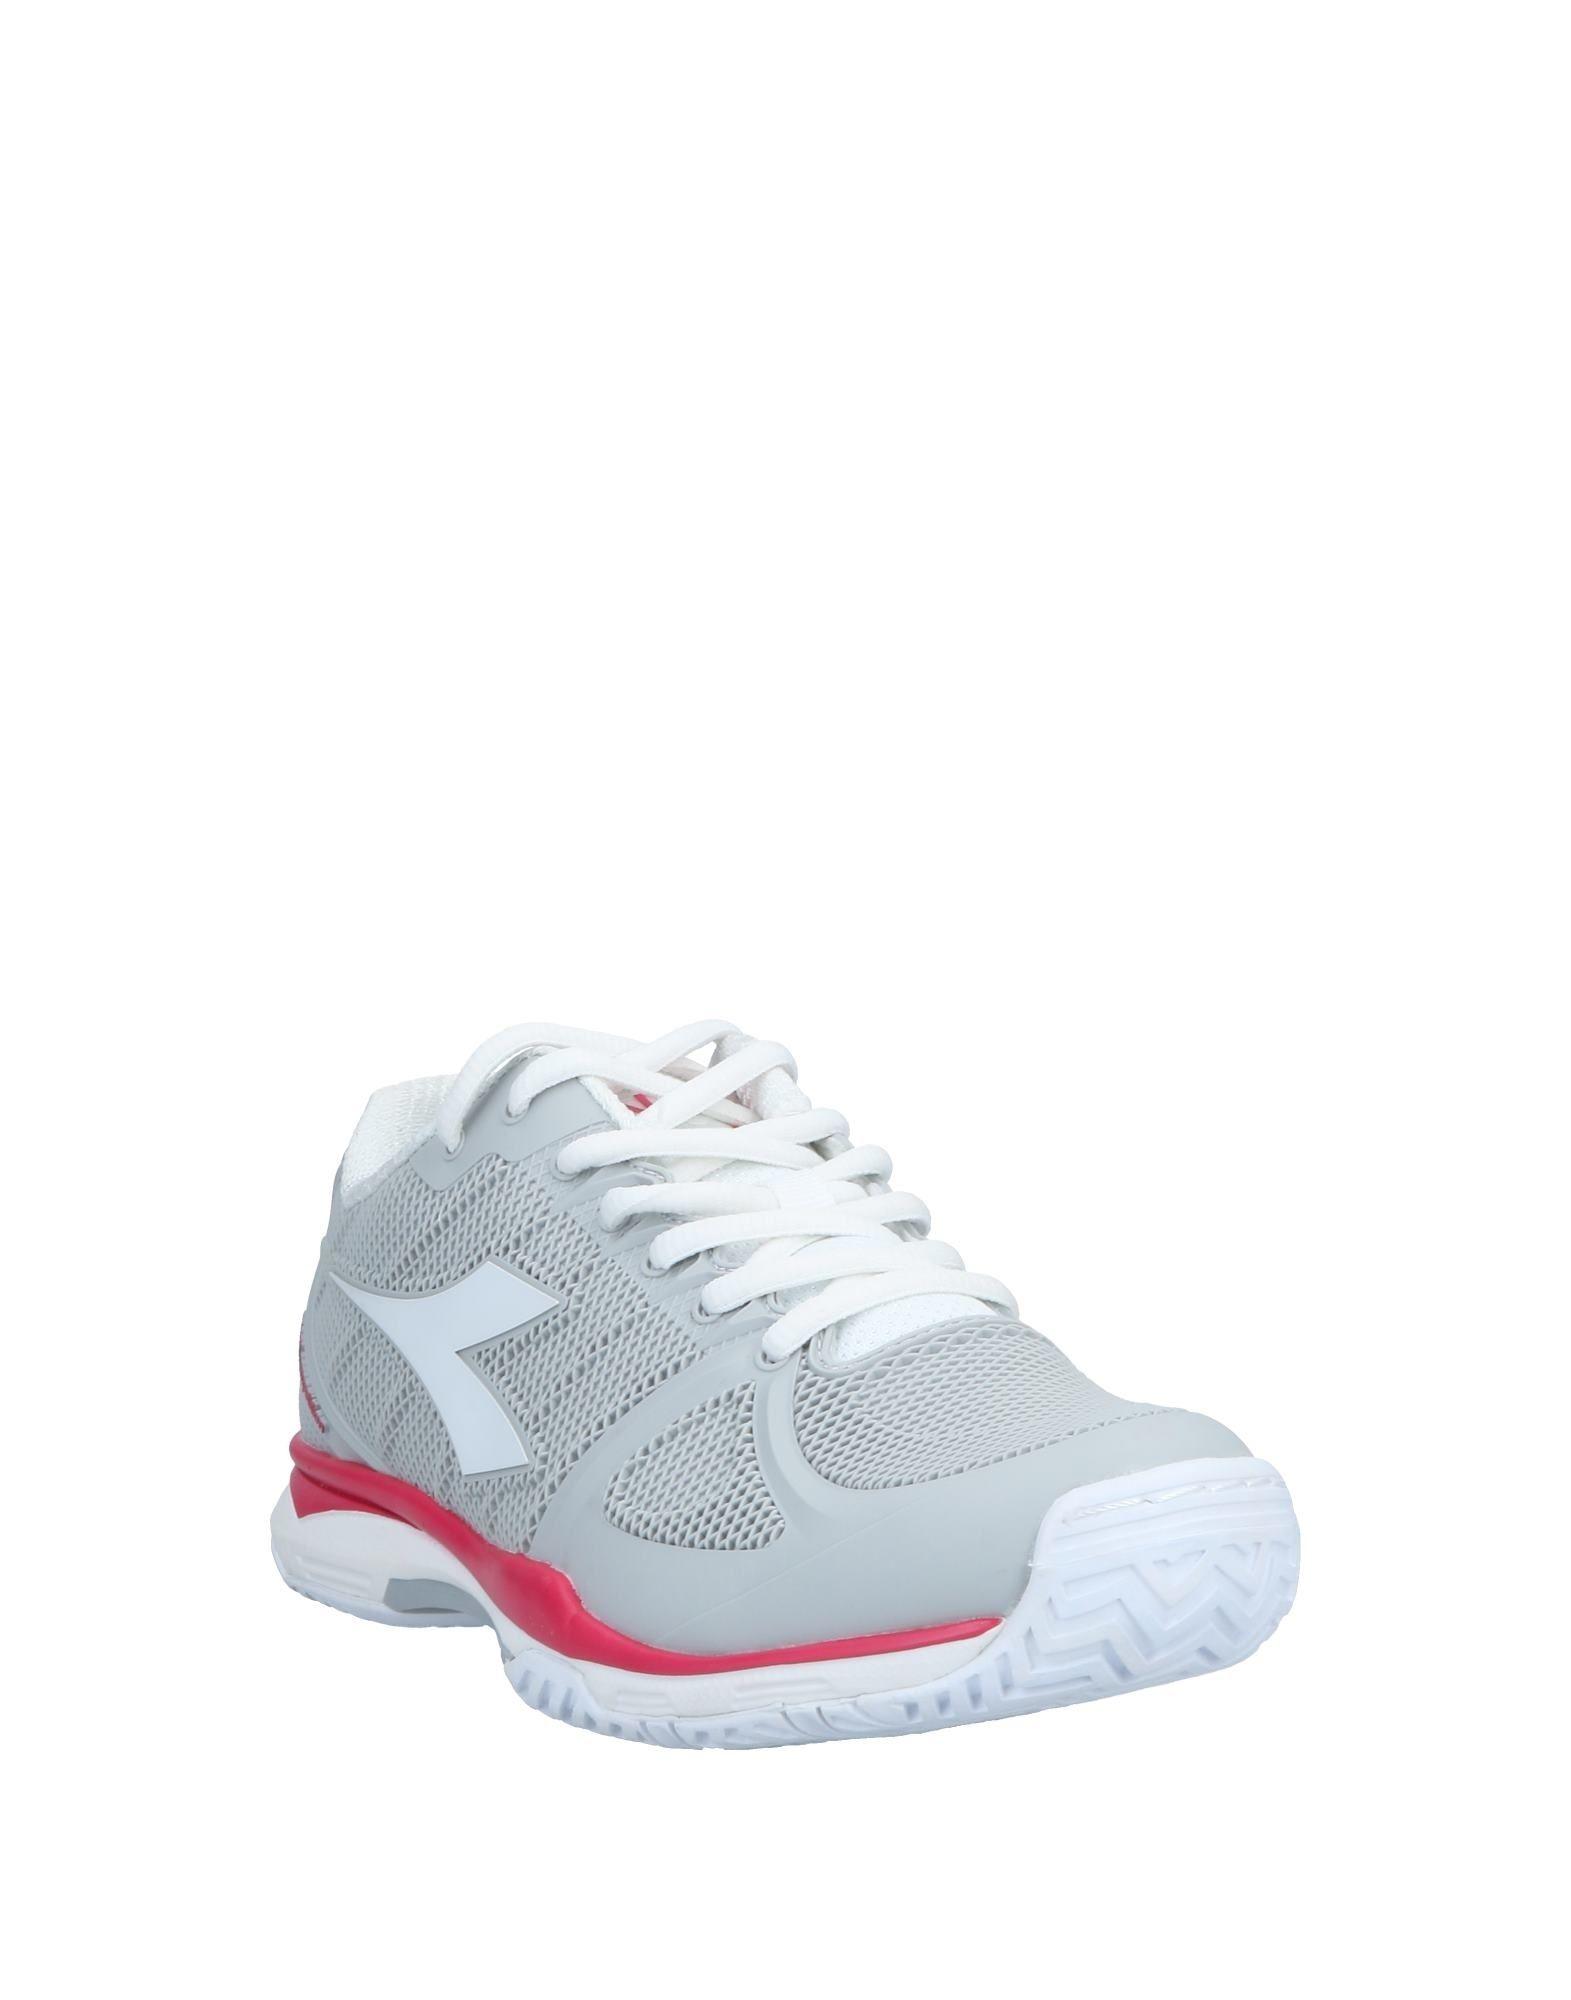 Diadora Sneakers Damen  11566949EW 11566949EW   795fb9